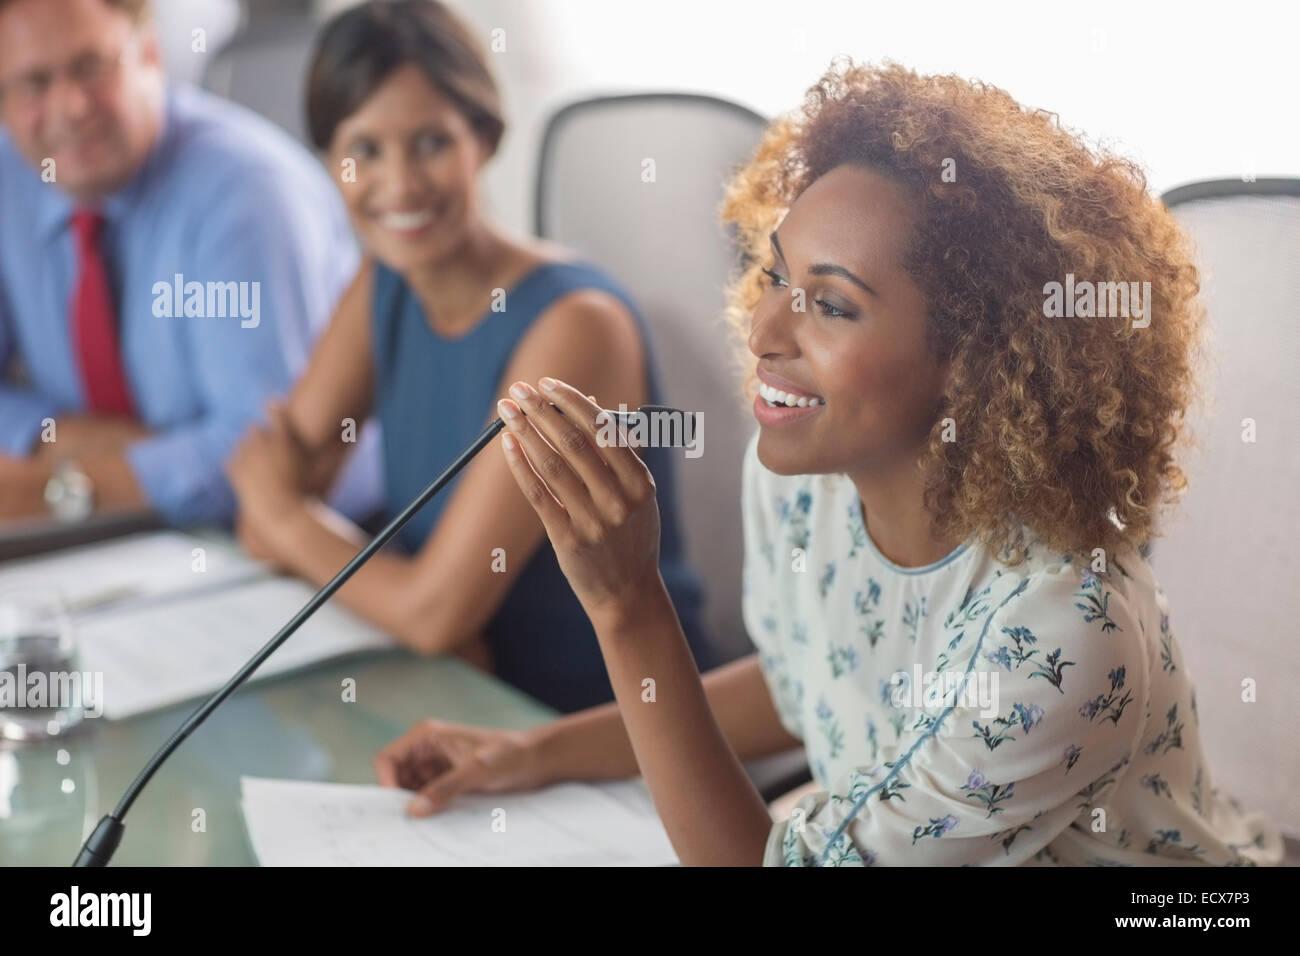 Hermosa mujer sentada en la mesa de conferencias, hablando en el micrófono Foto de stock